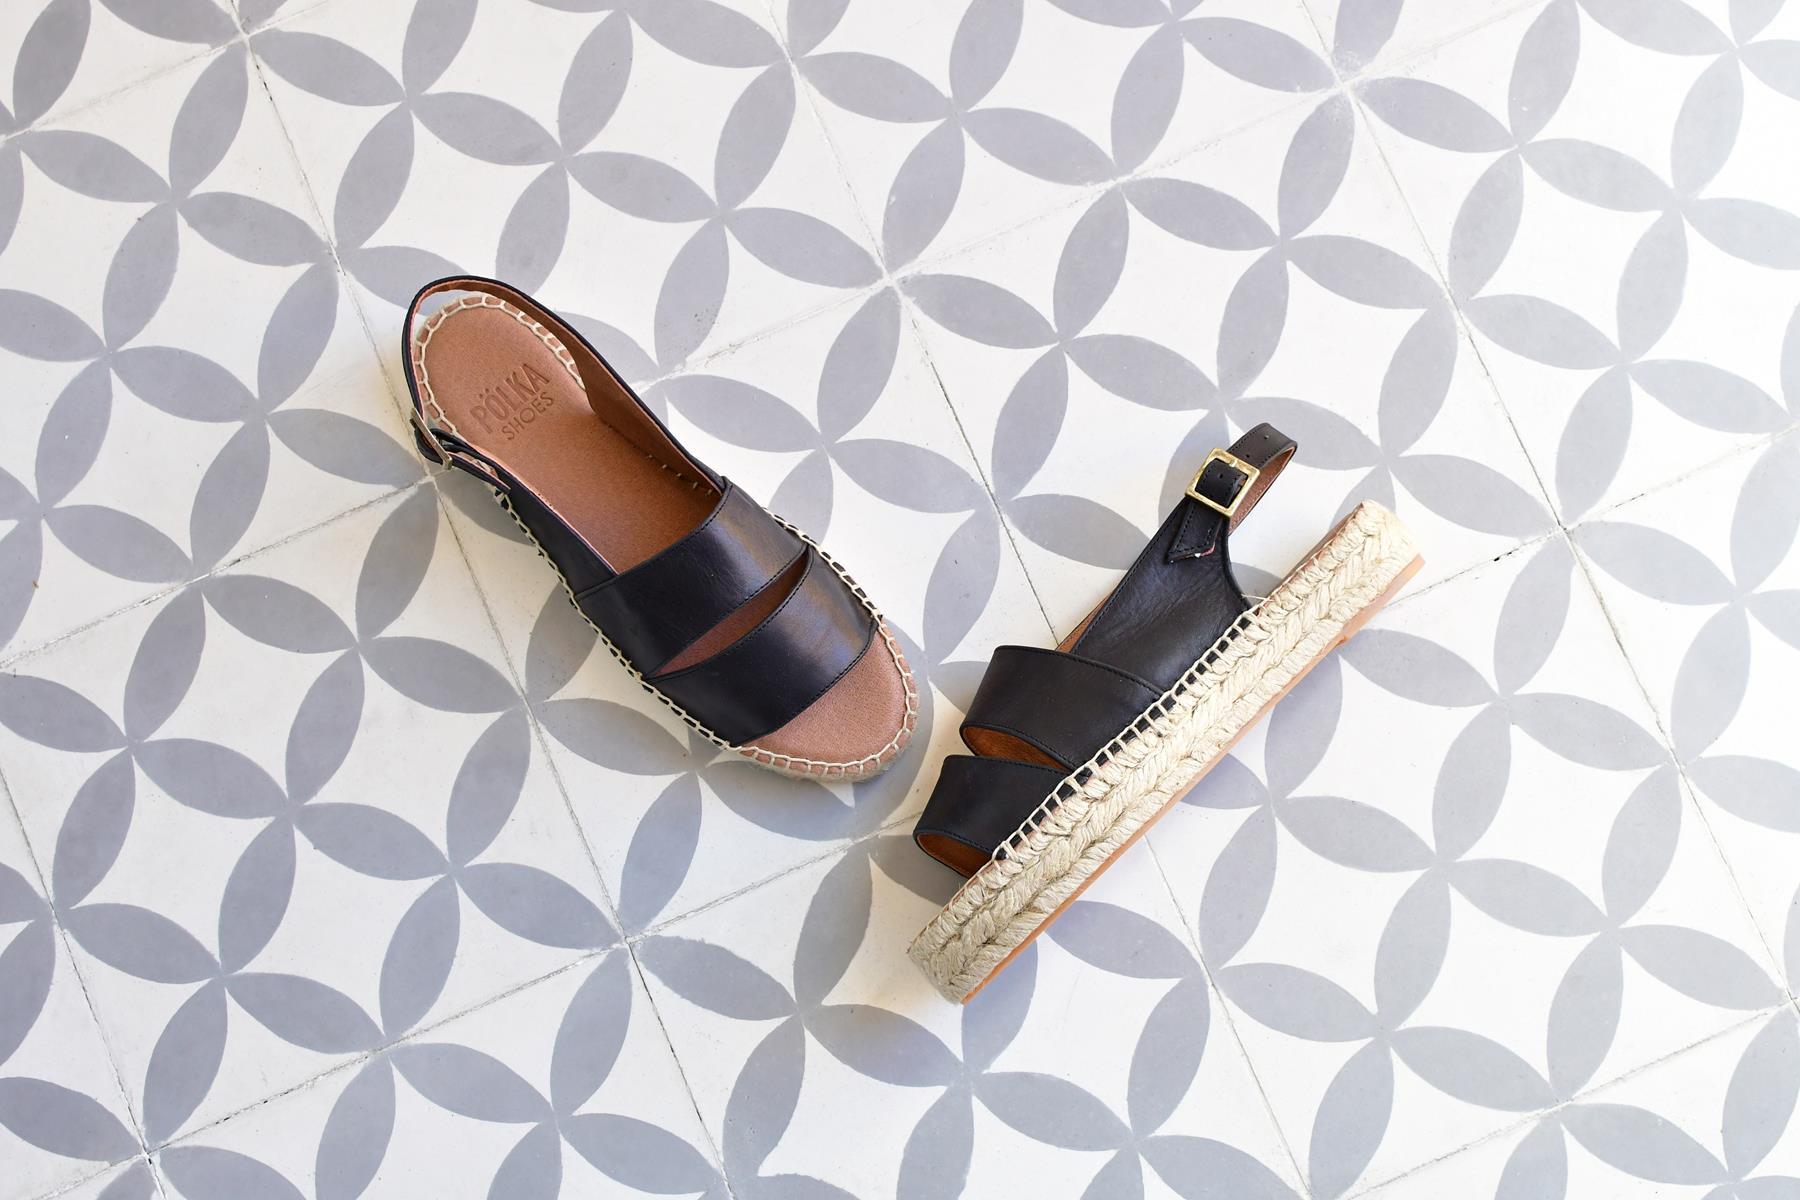 Sandalia Plataforma Pölka Shoes Carlota Negra 235P_AmorShoes-Polka-Carlota-sandalia-dos-tiras-piel-negra-cuero-negro-suela-esparto-yute-cierre-hebilla-235p